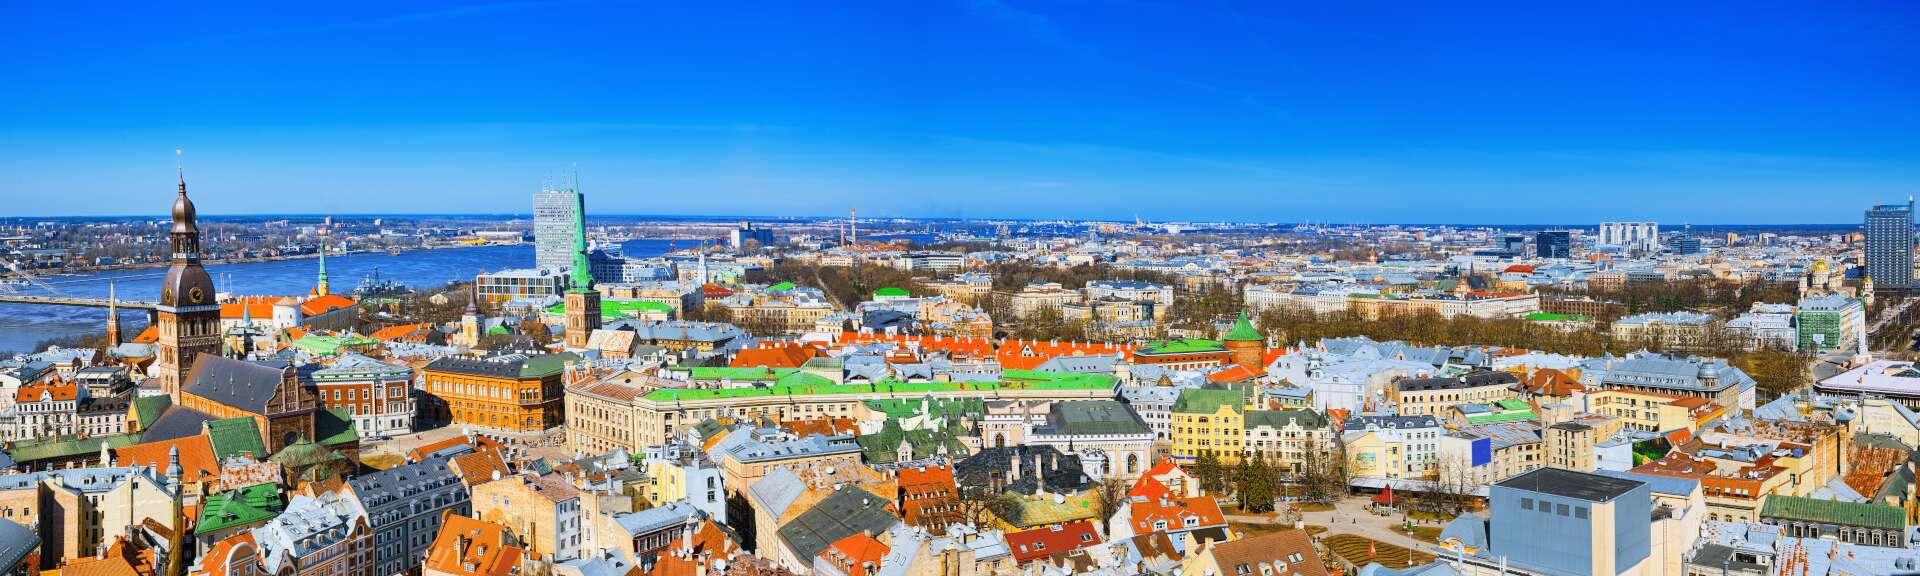 Klassenfahrt Riga Stadtansicht